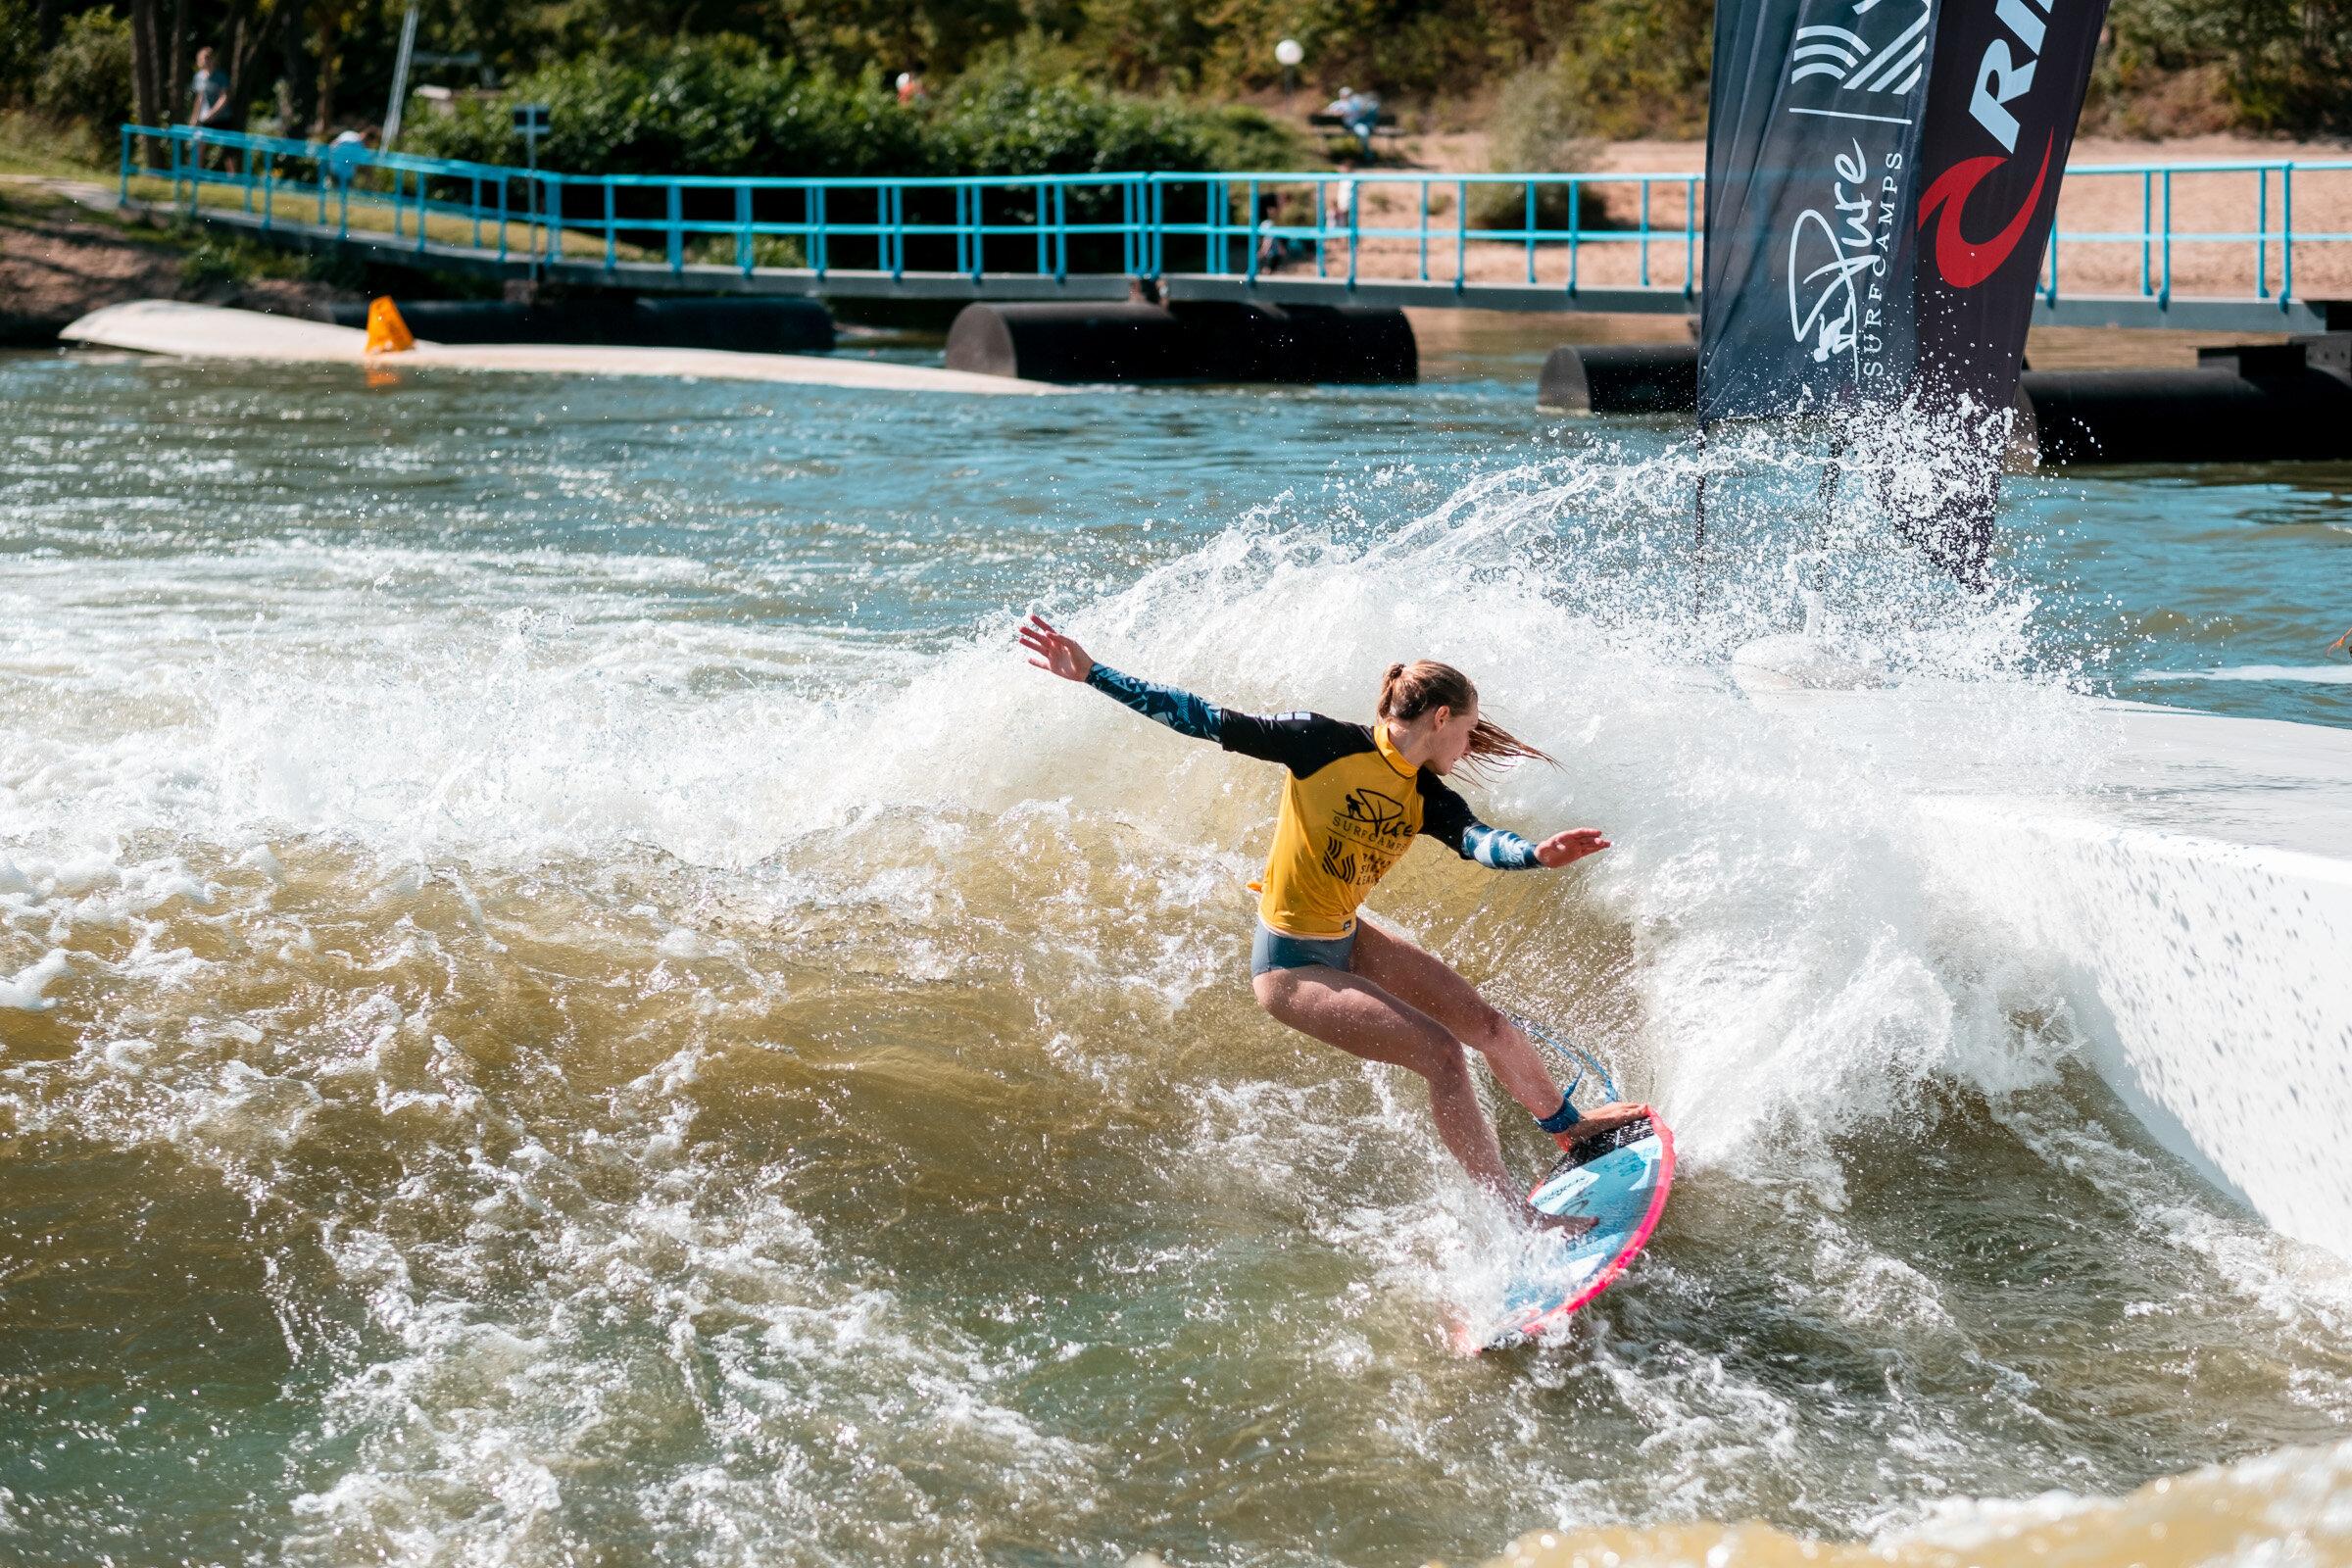 rapid-surf-contest-derKristof-186.jpg